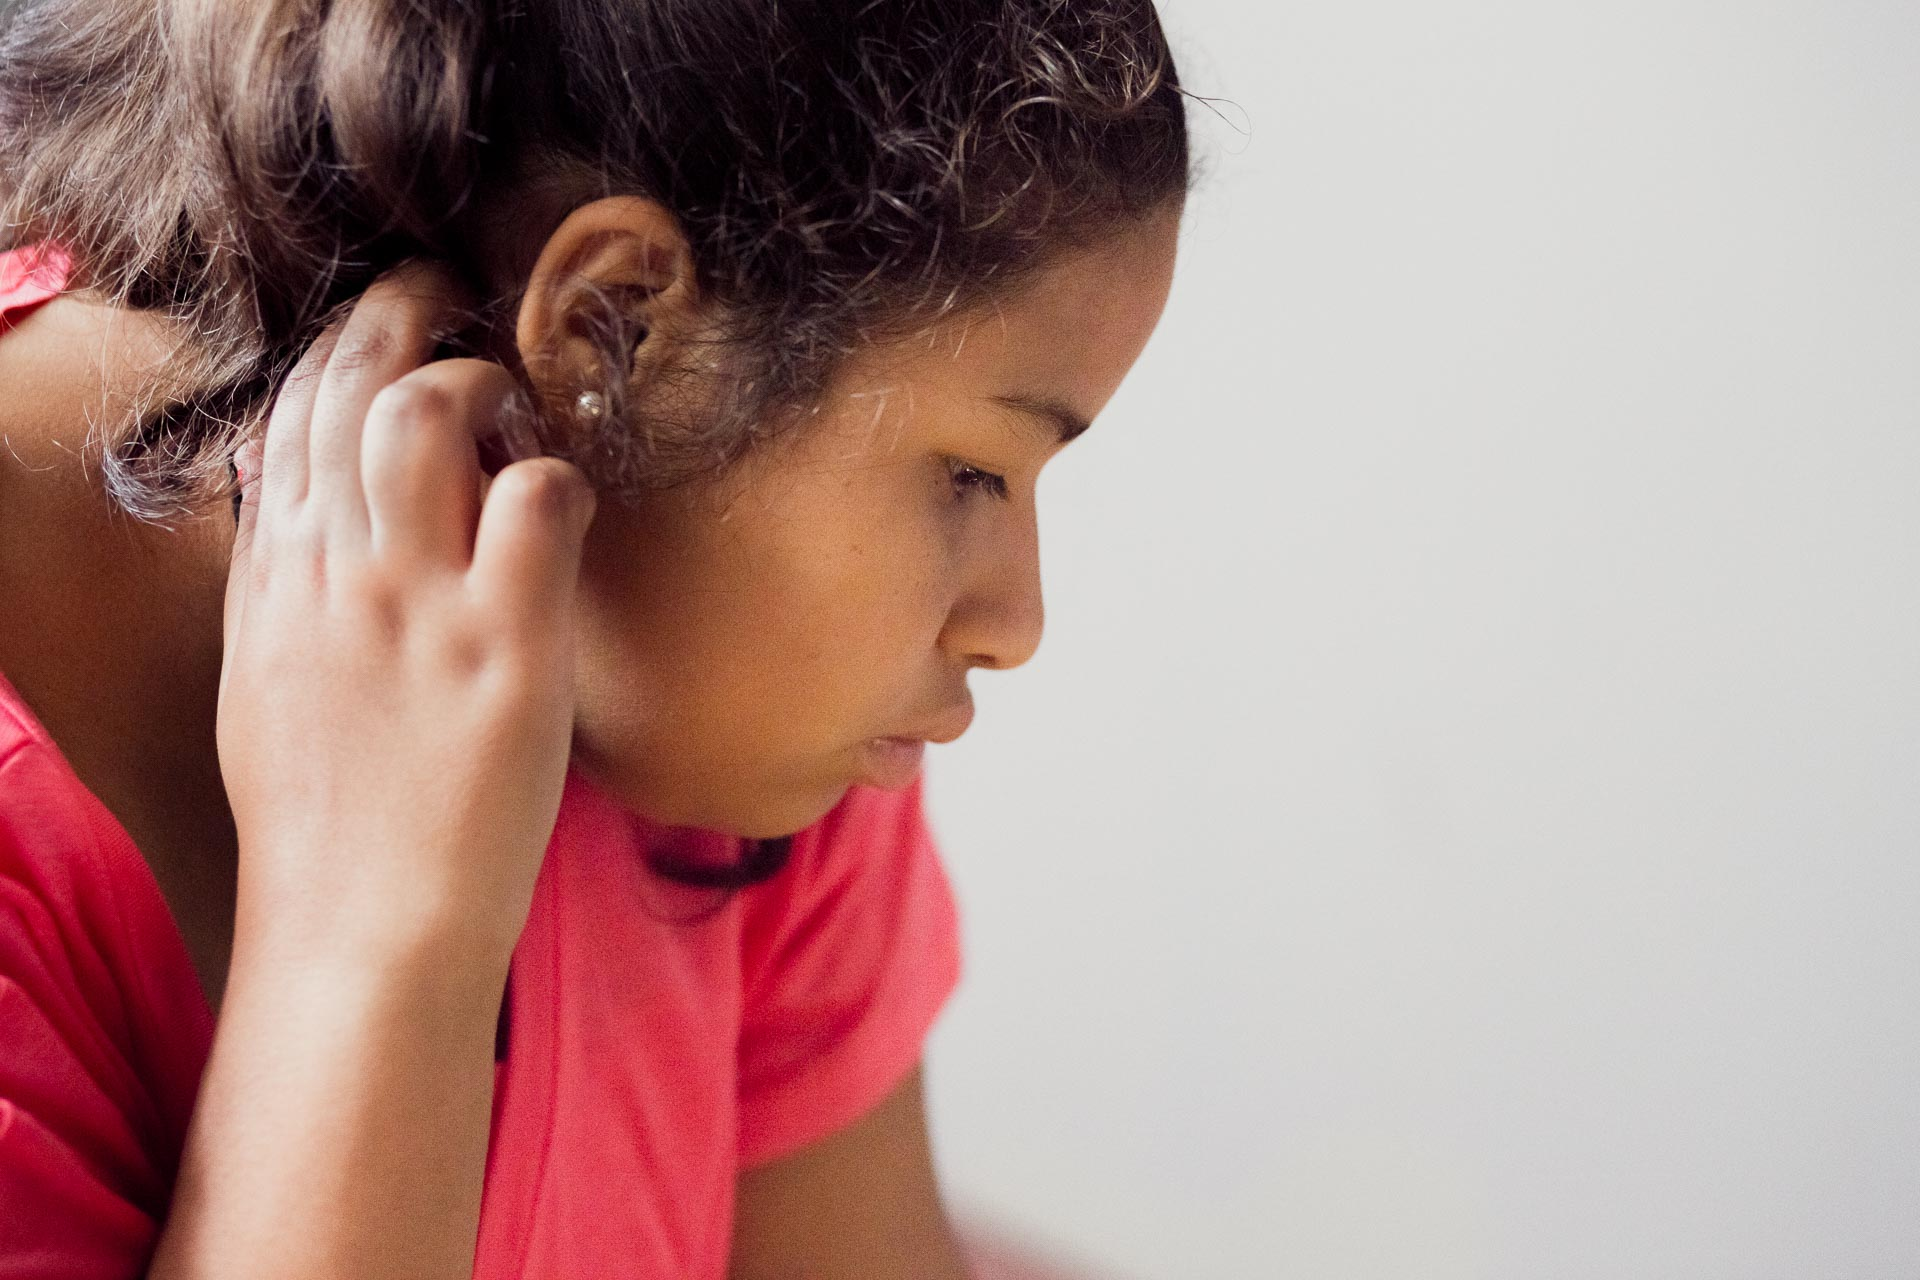 Veronica tucks her hair behind her ears